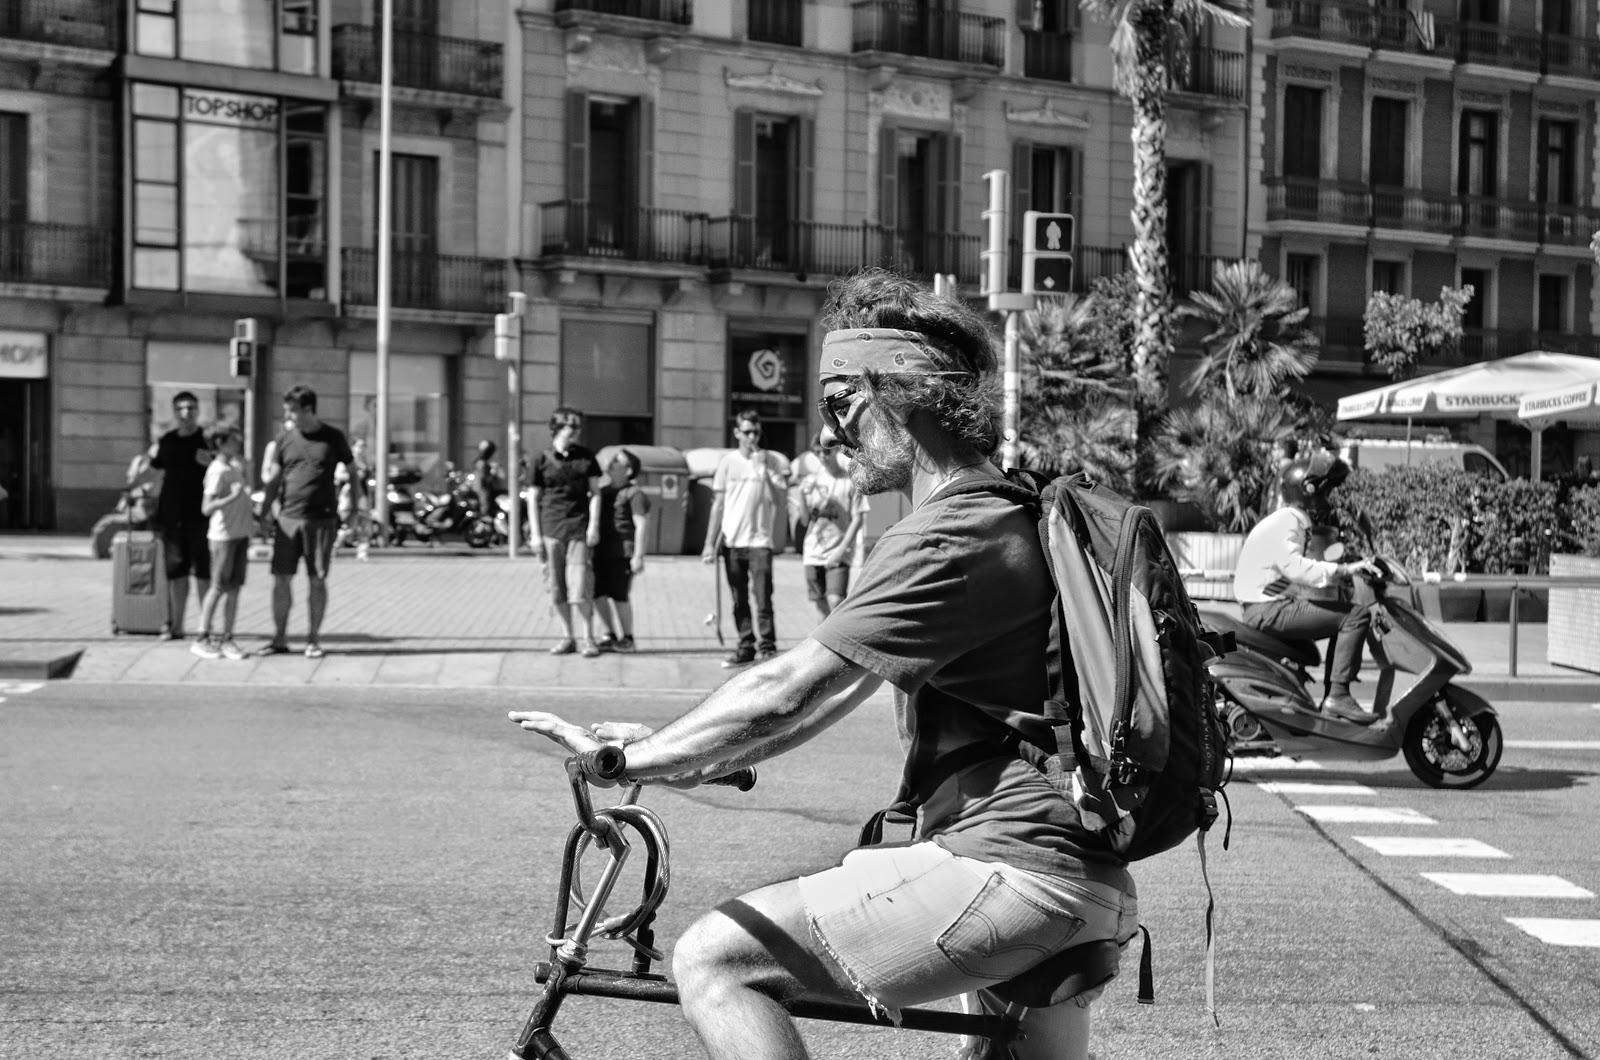 Barcelona biker [enlarge]